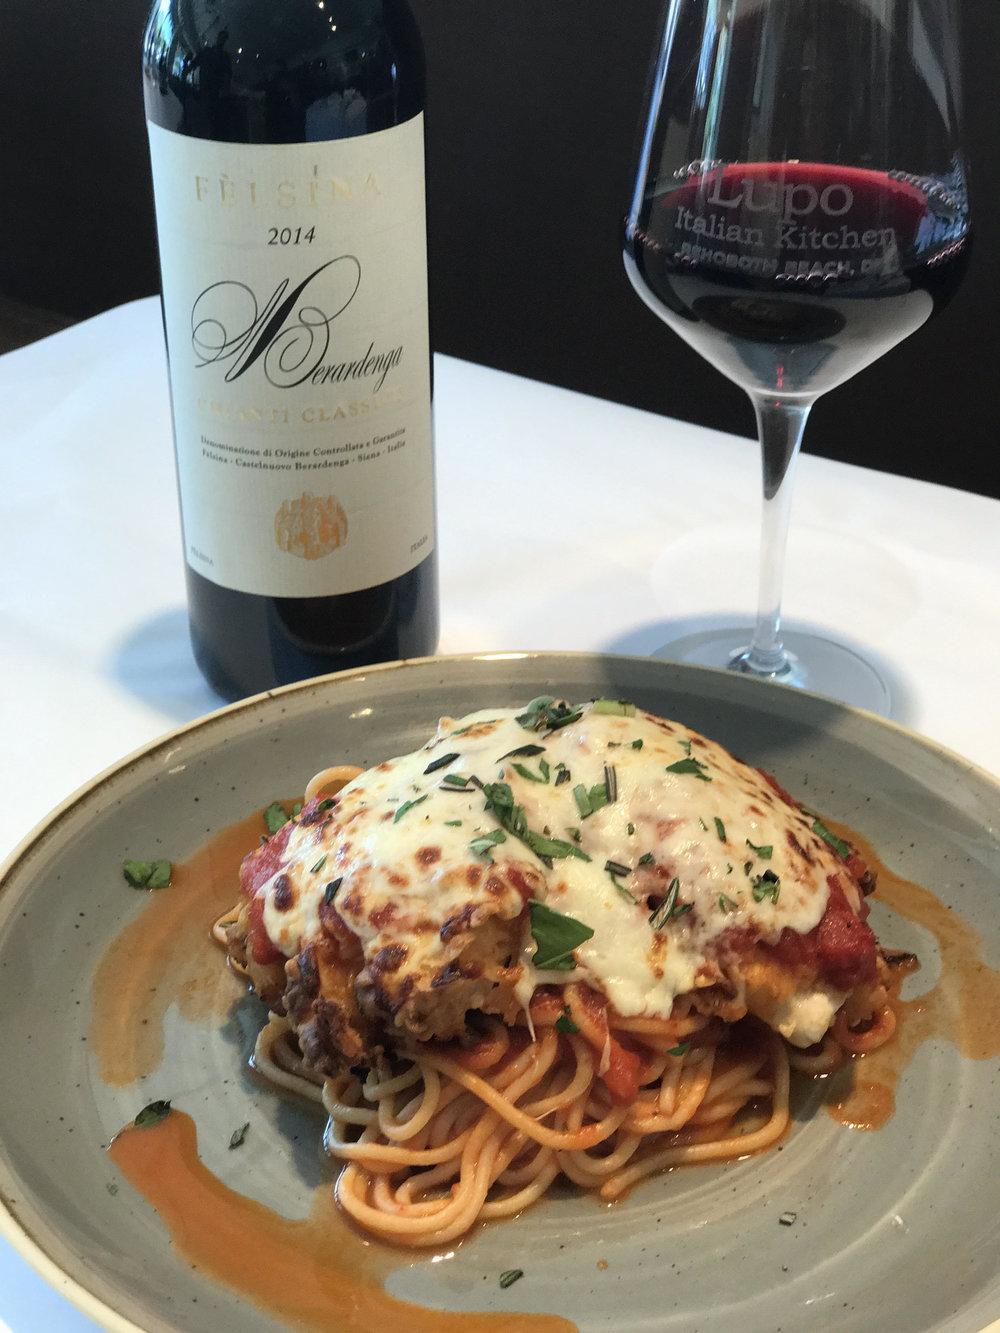 014 Felsina Chianti Classico 'Riserva' with Chicken Parmesan at Lupo Italian Kitchen